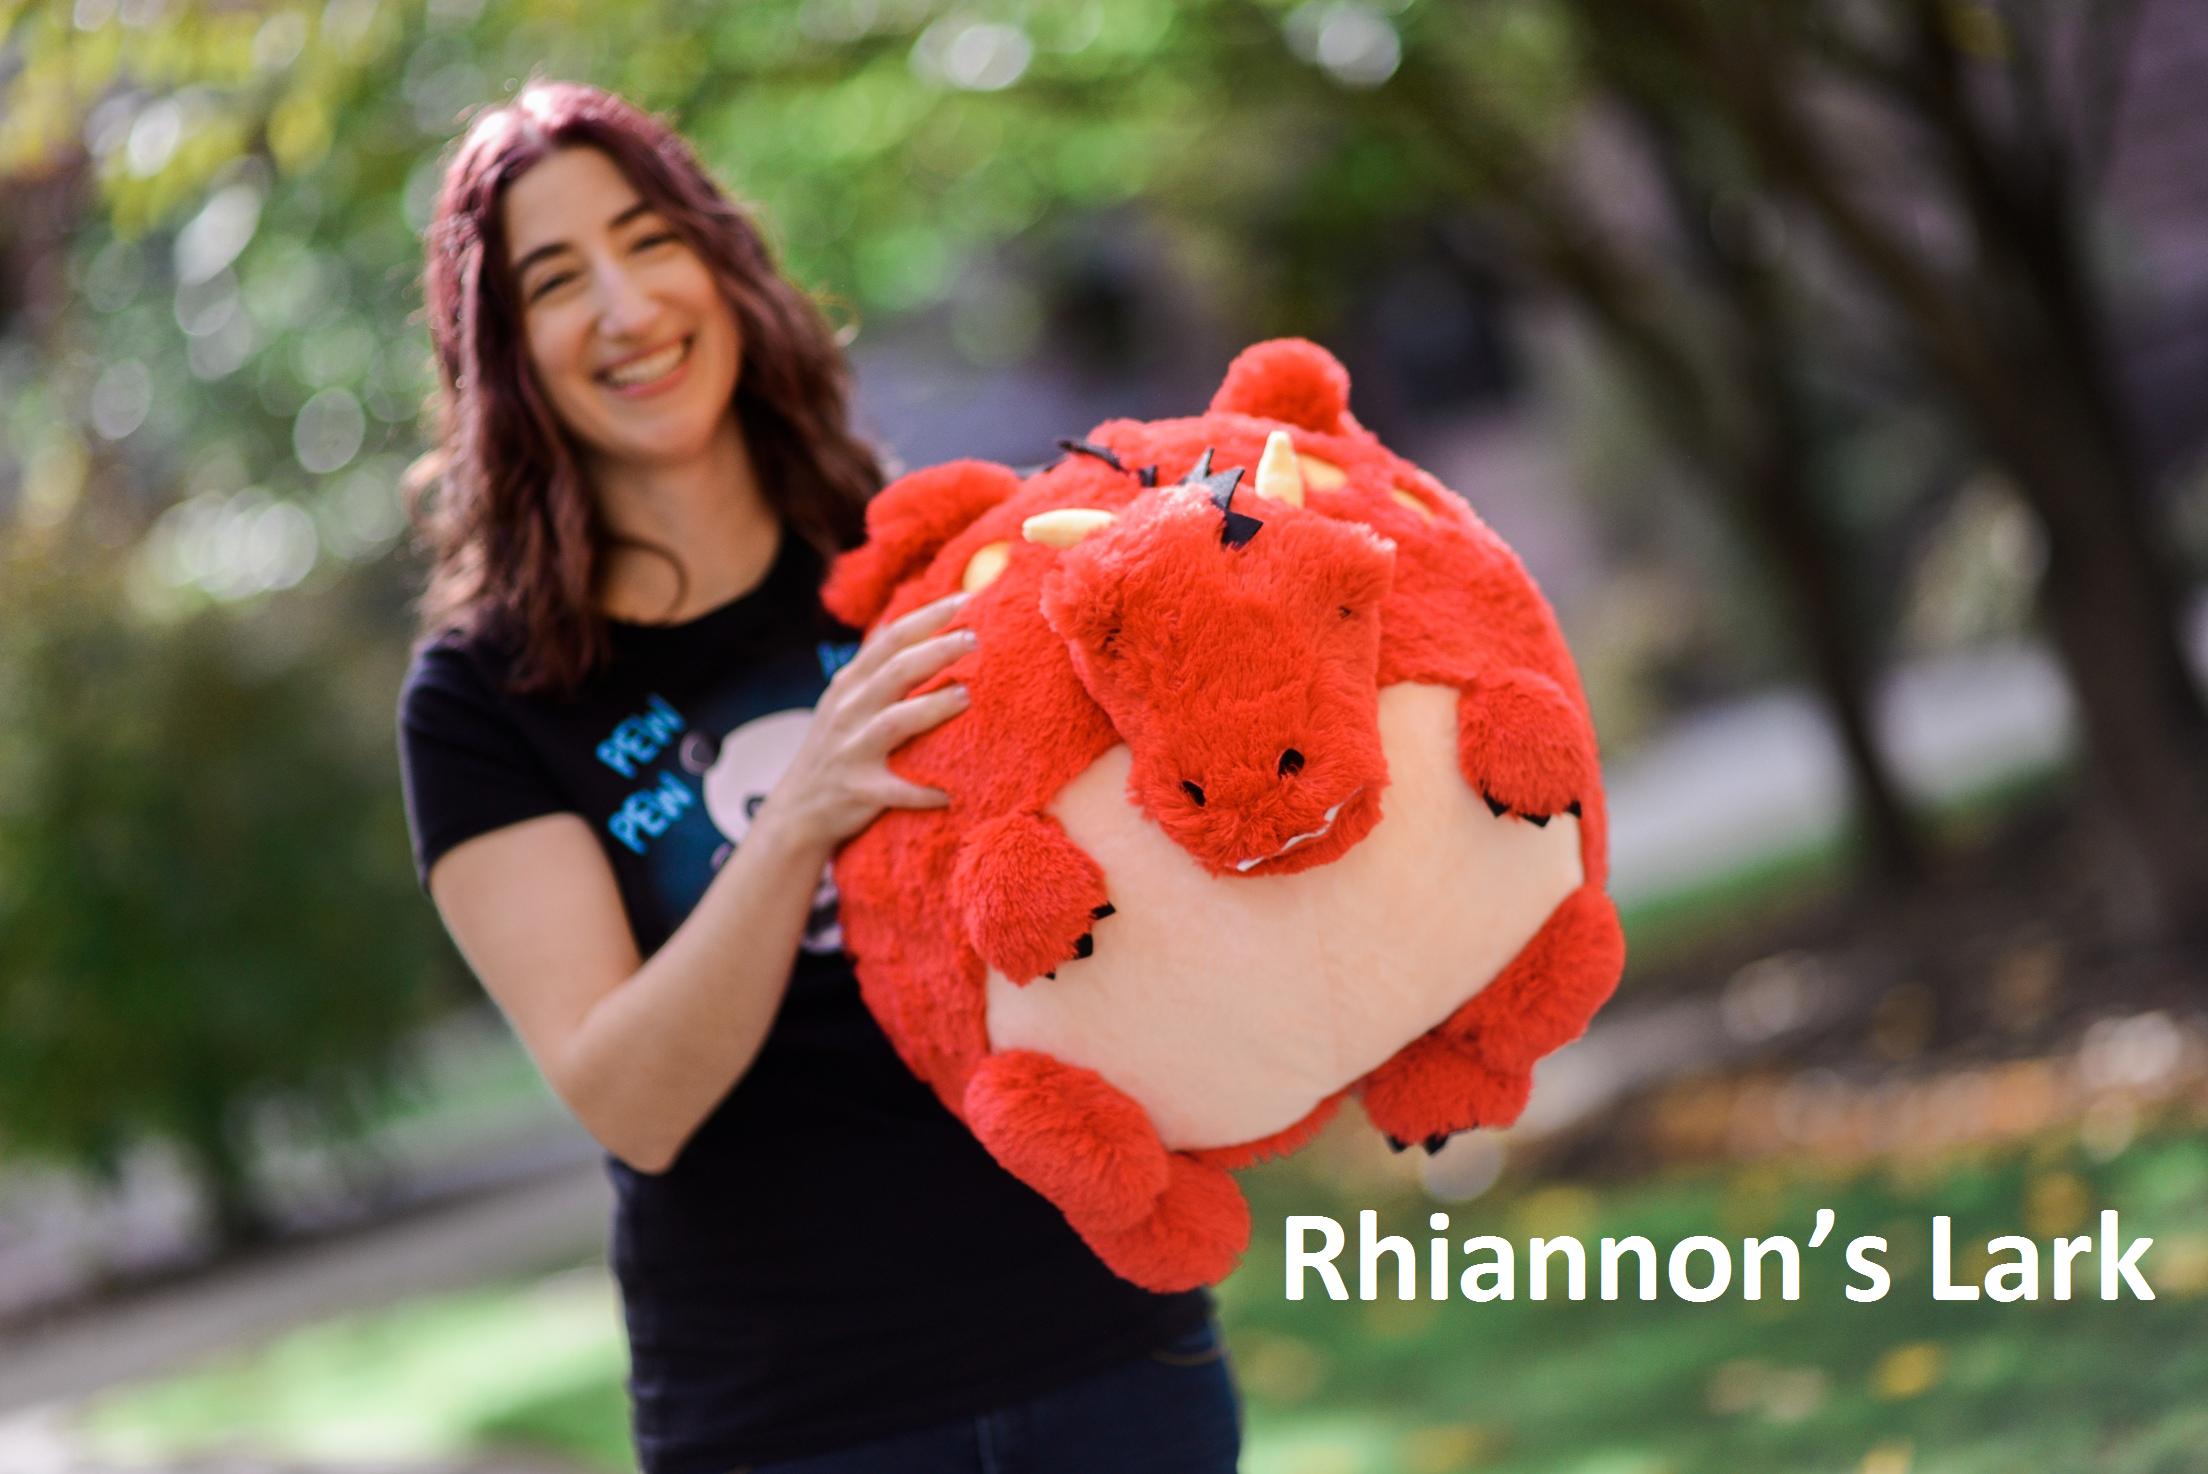 Rhiannon's Lark